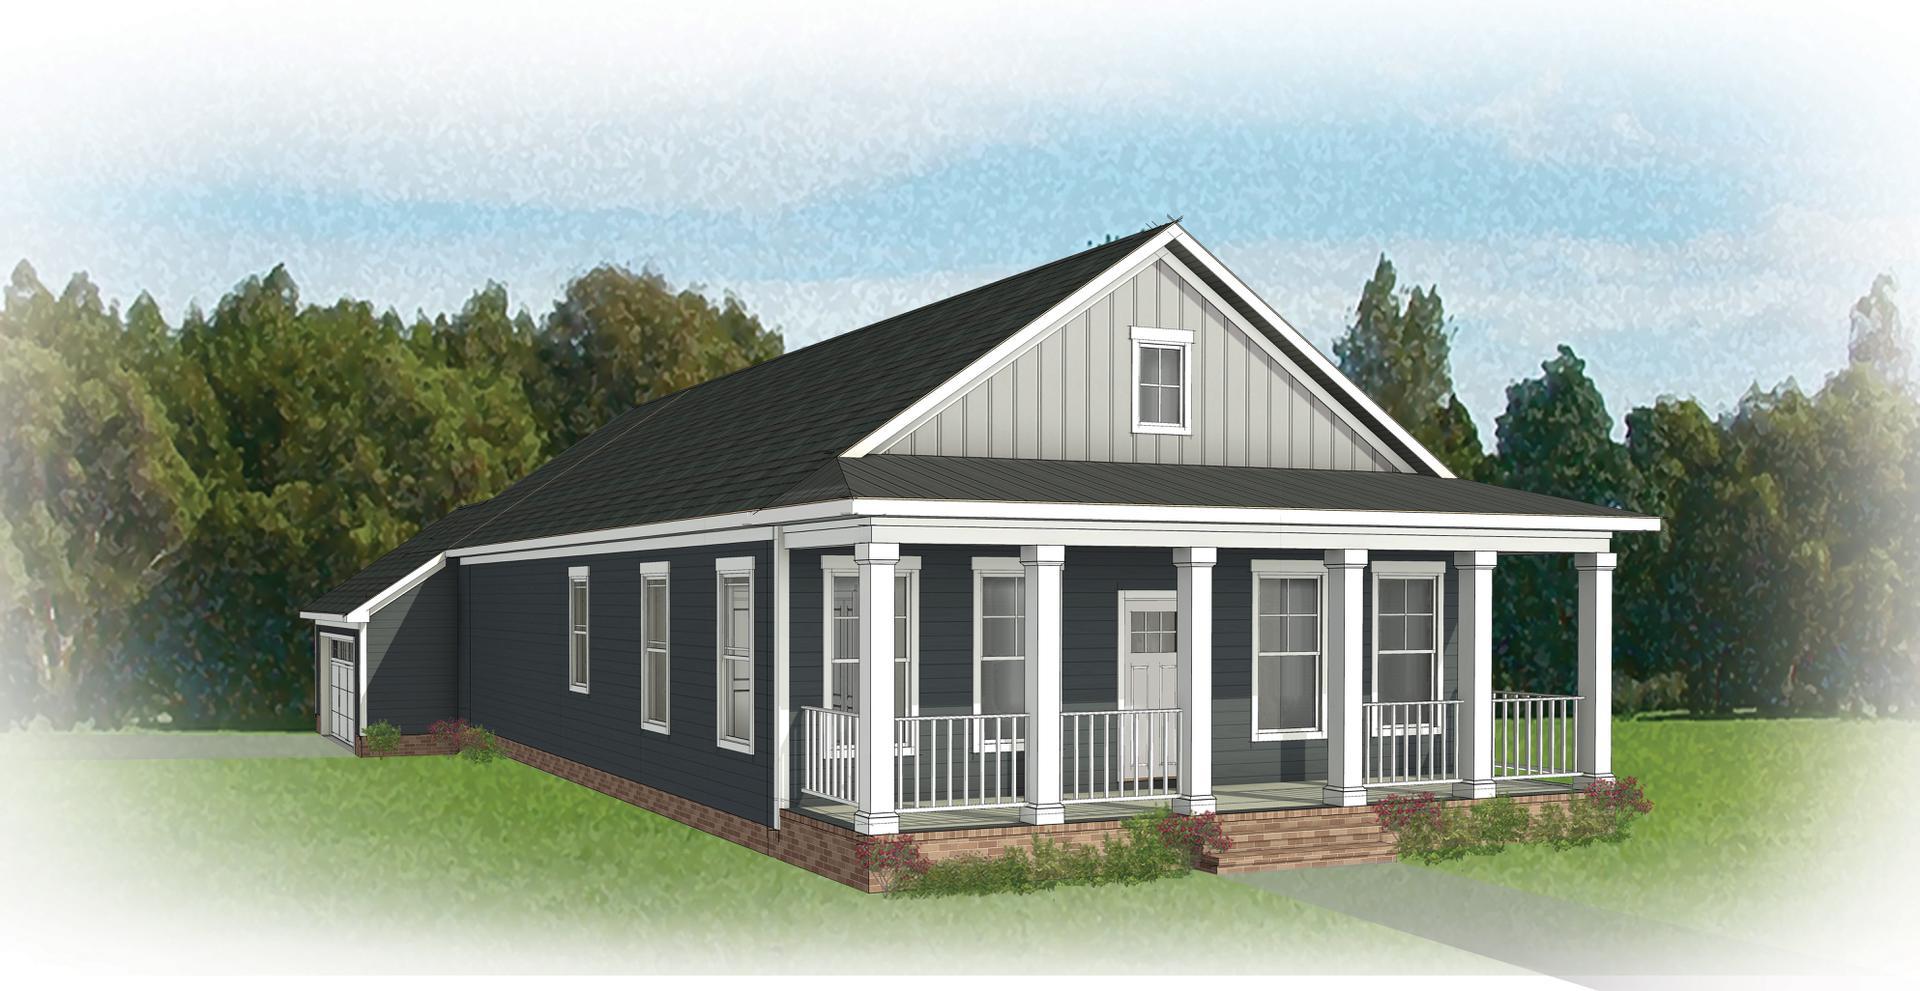 The Newport new home in Smithfield VA